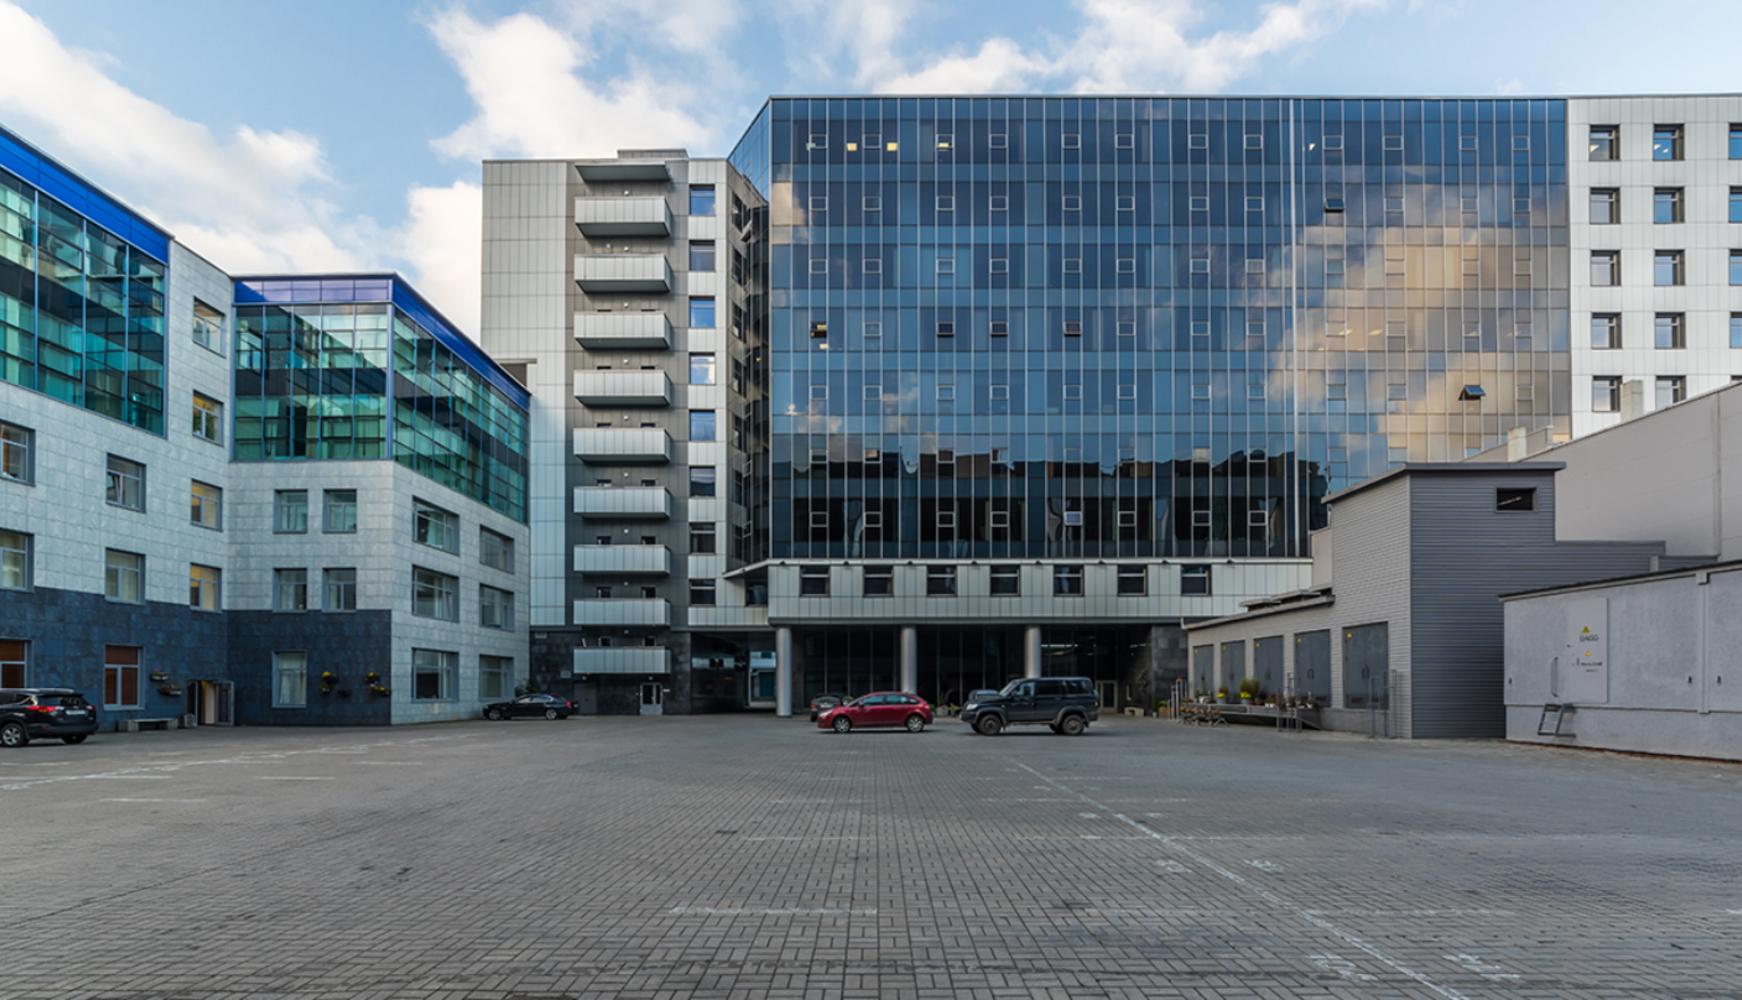 Офисная недвижимость Санкт-петербург,  - Сенатор (17-я линия В.О., 22, Литера И) - 616